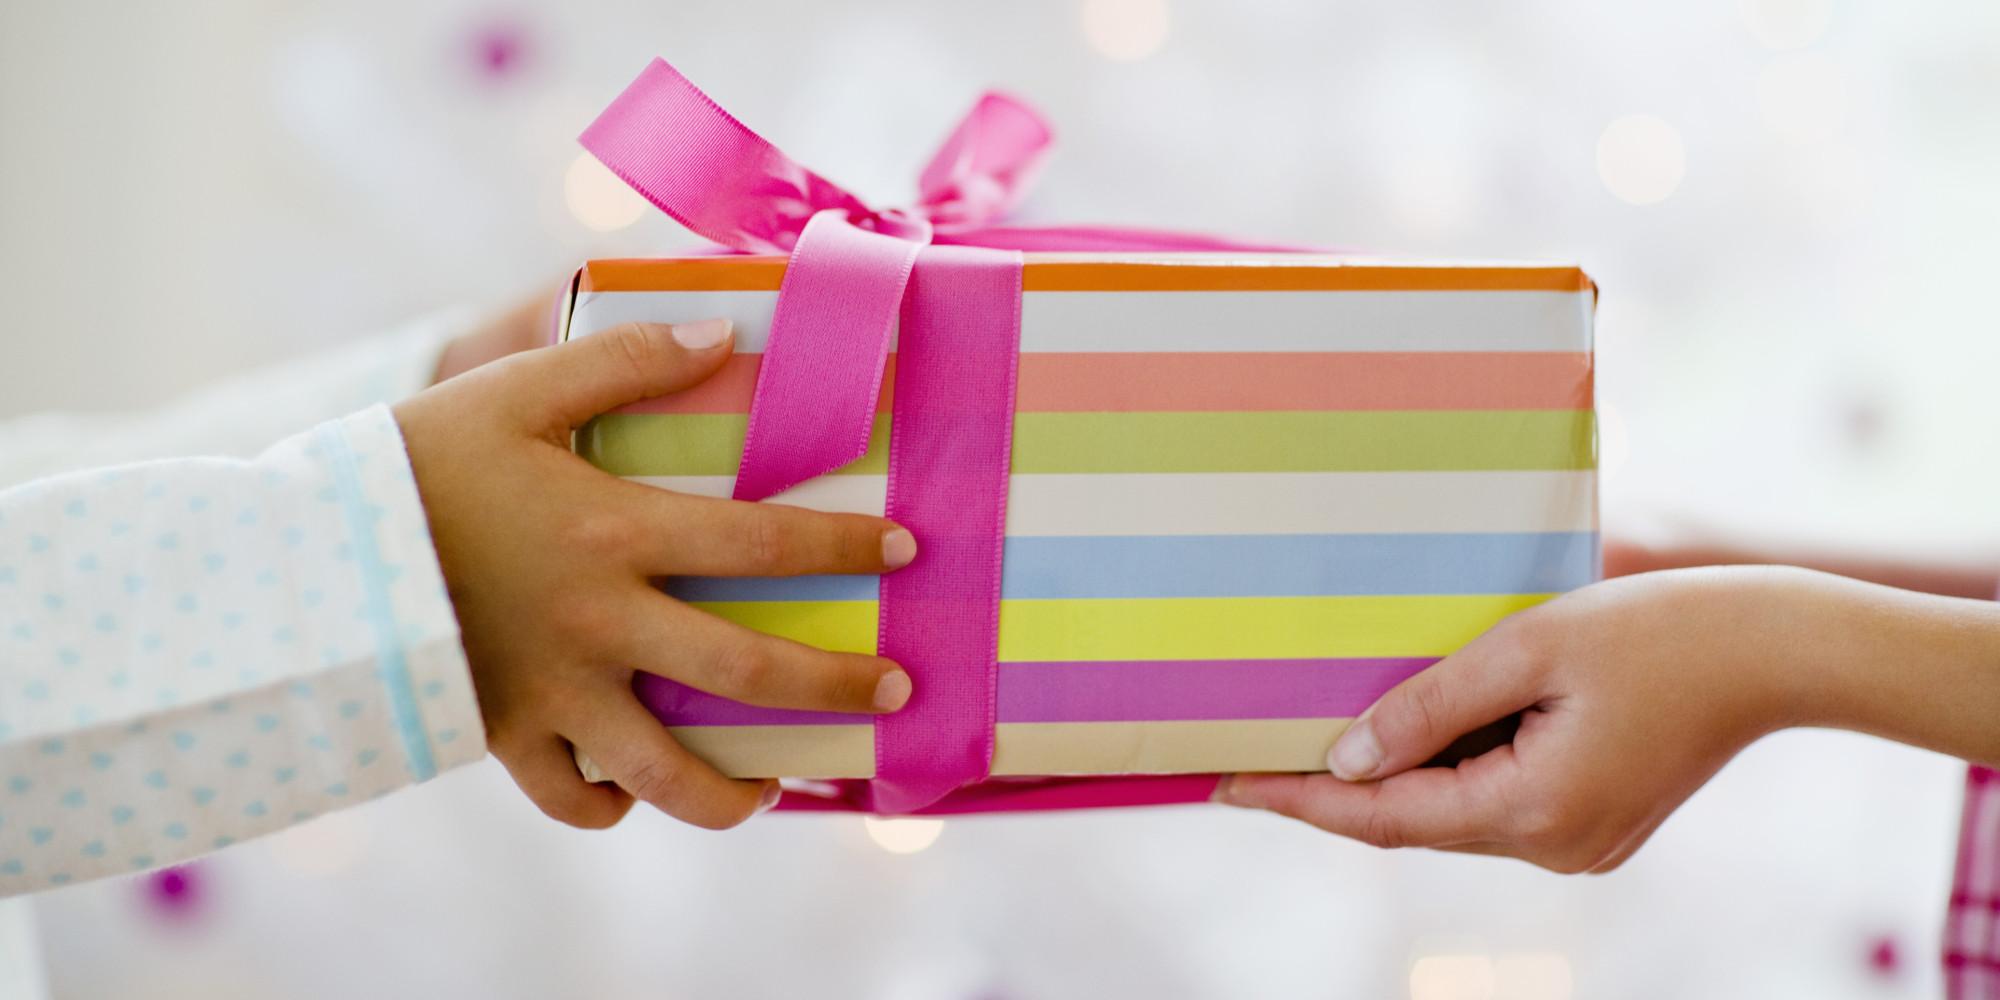 Статус про подарок от любимой